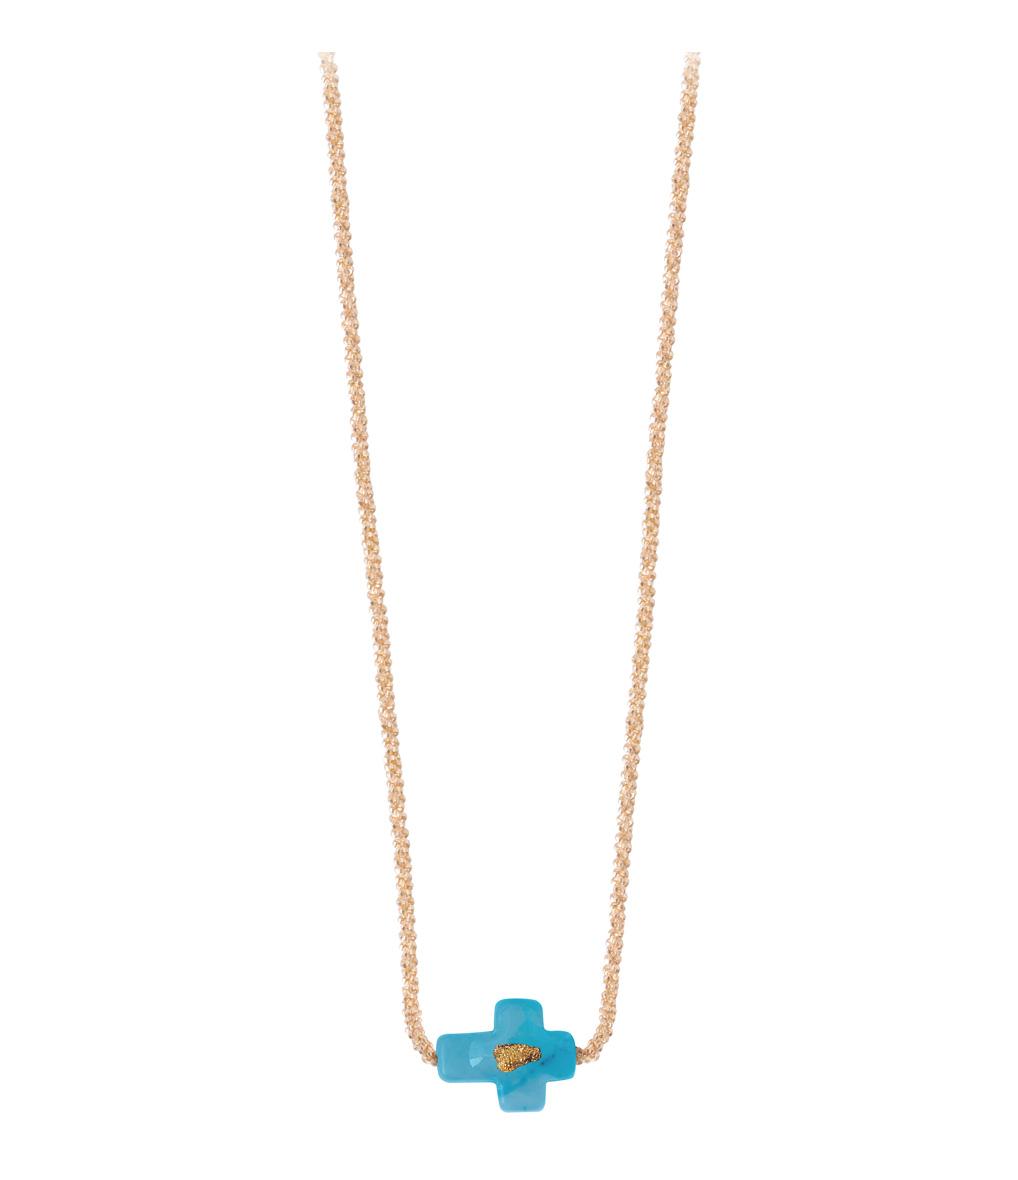 Collier Chaîne Vermeil Croix Turquoise